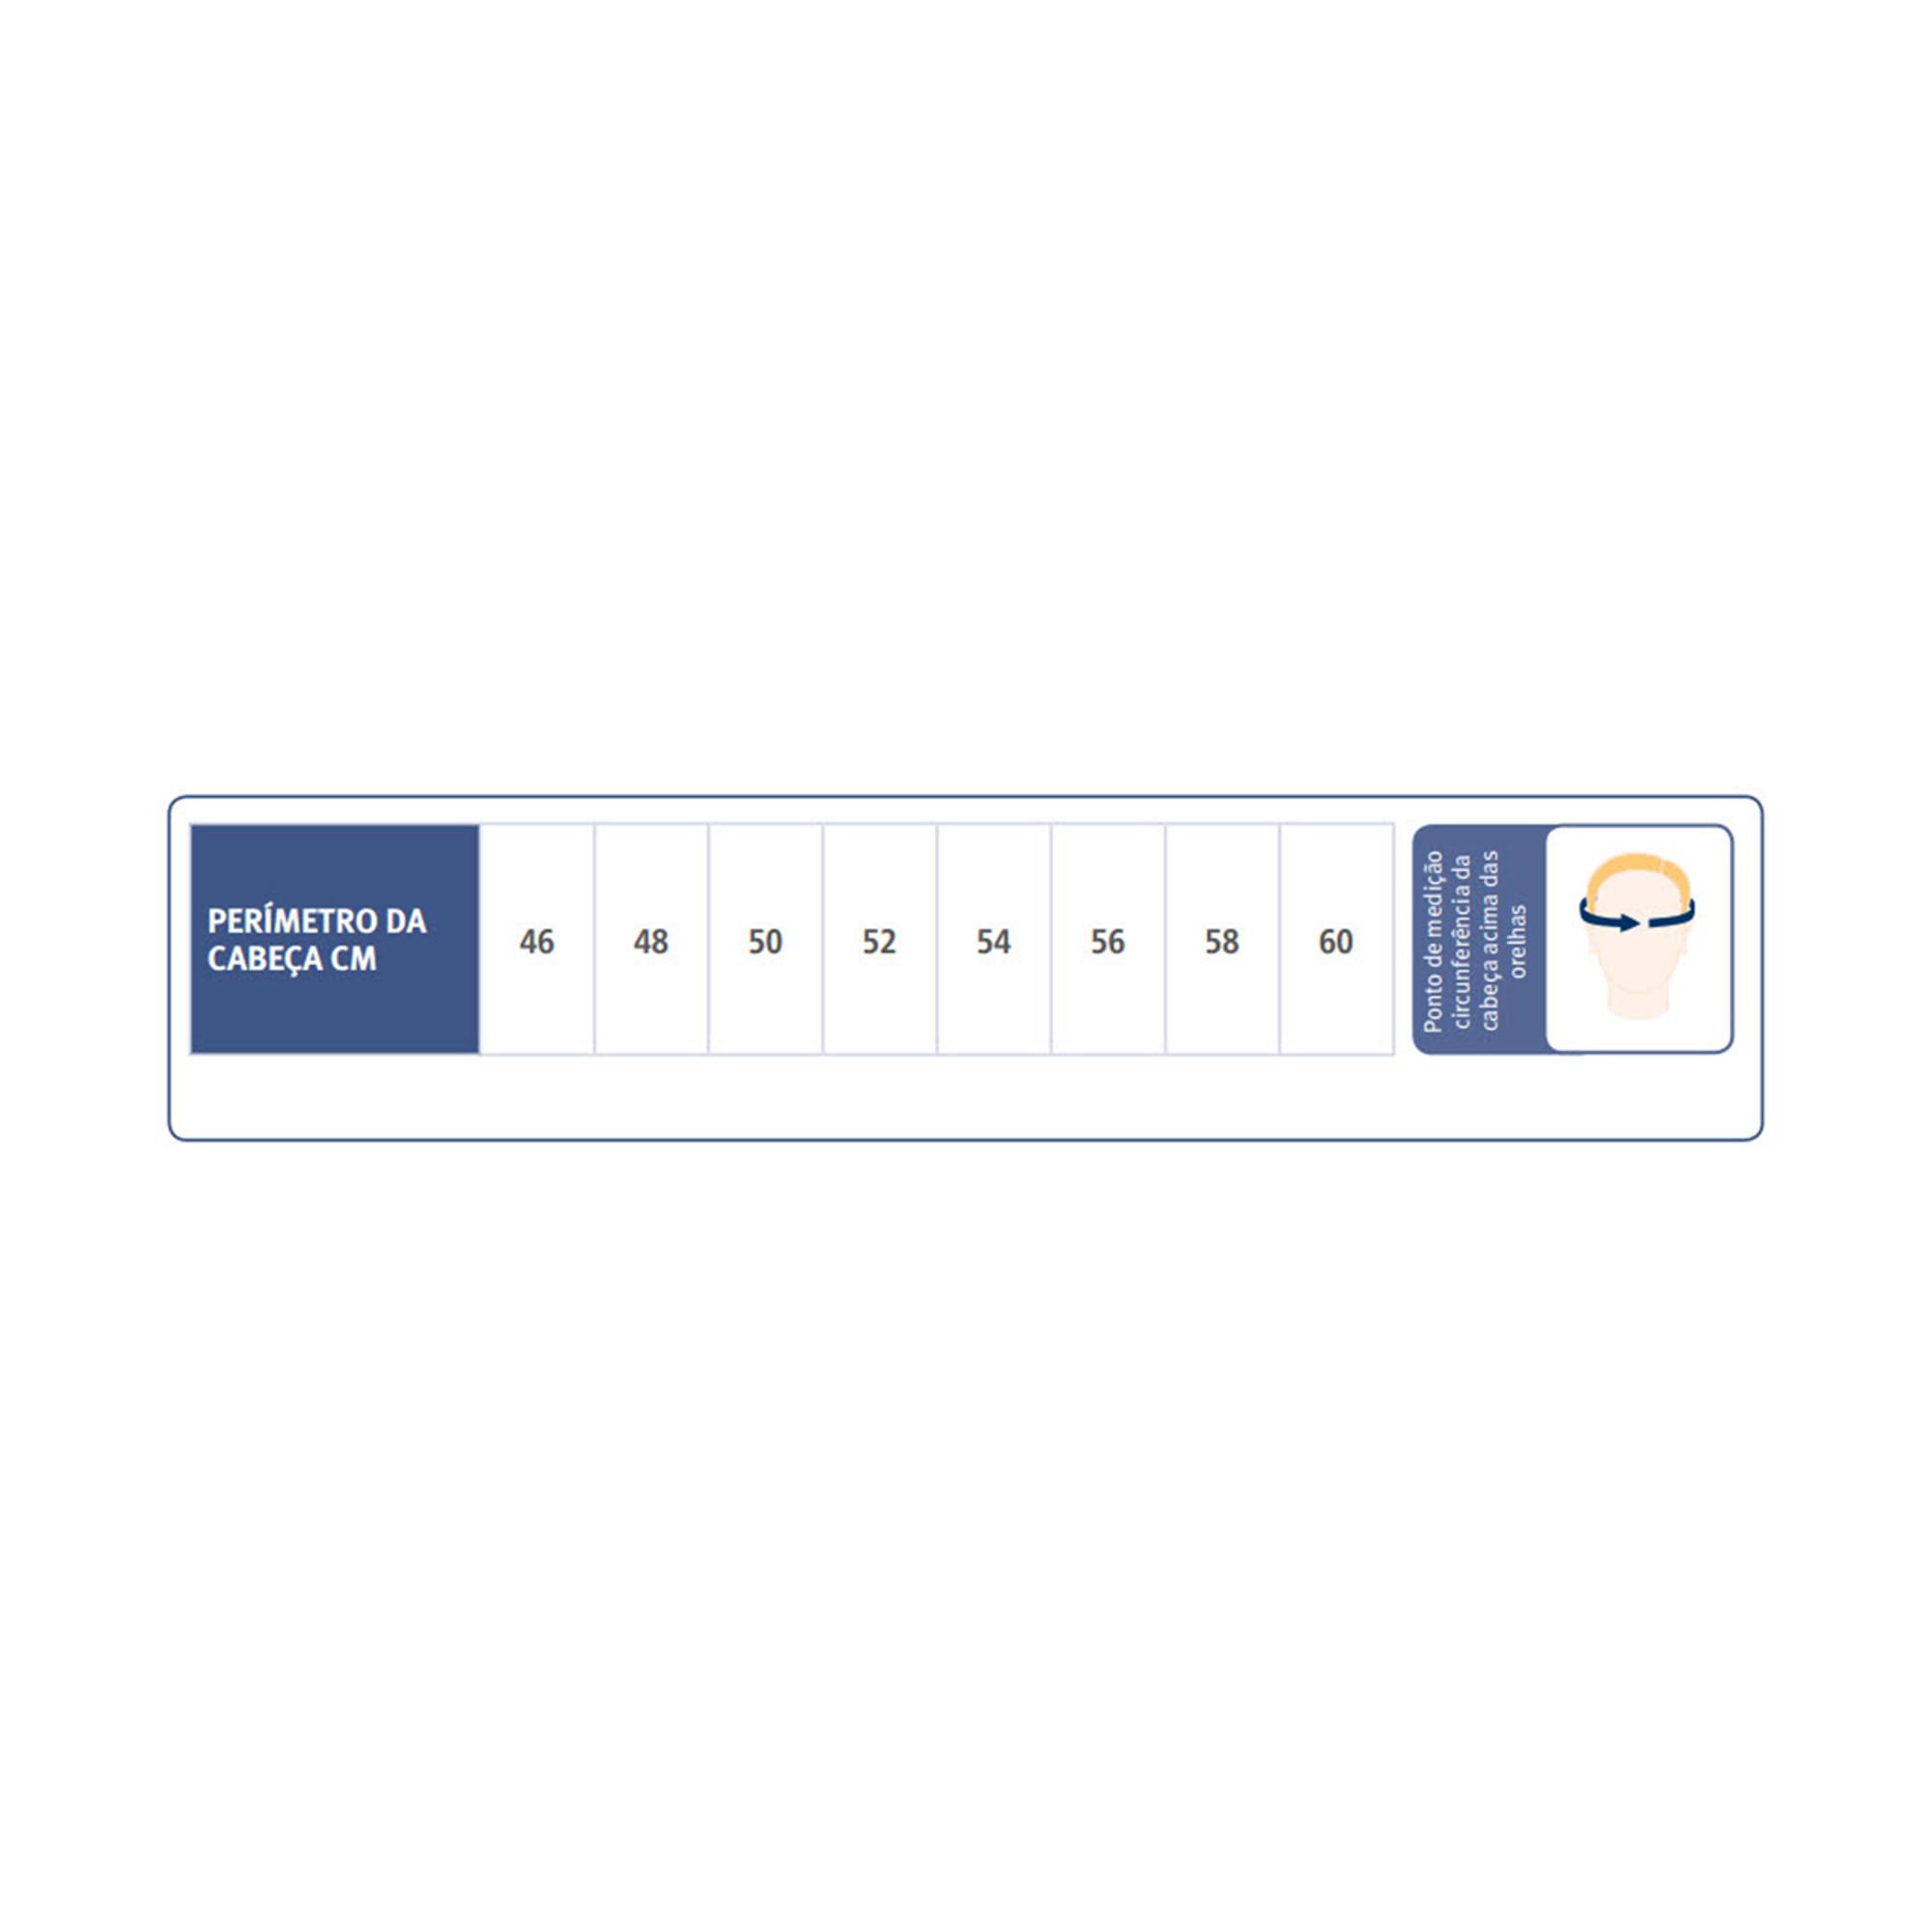 ... Capacete Proteção Craniana - Tabela Medidas d50265e3b6